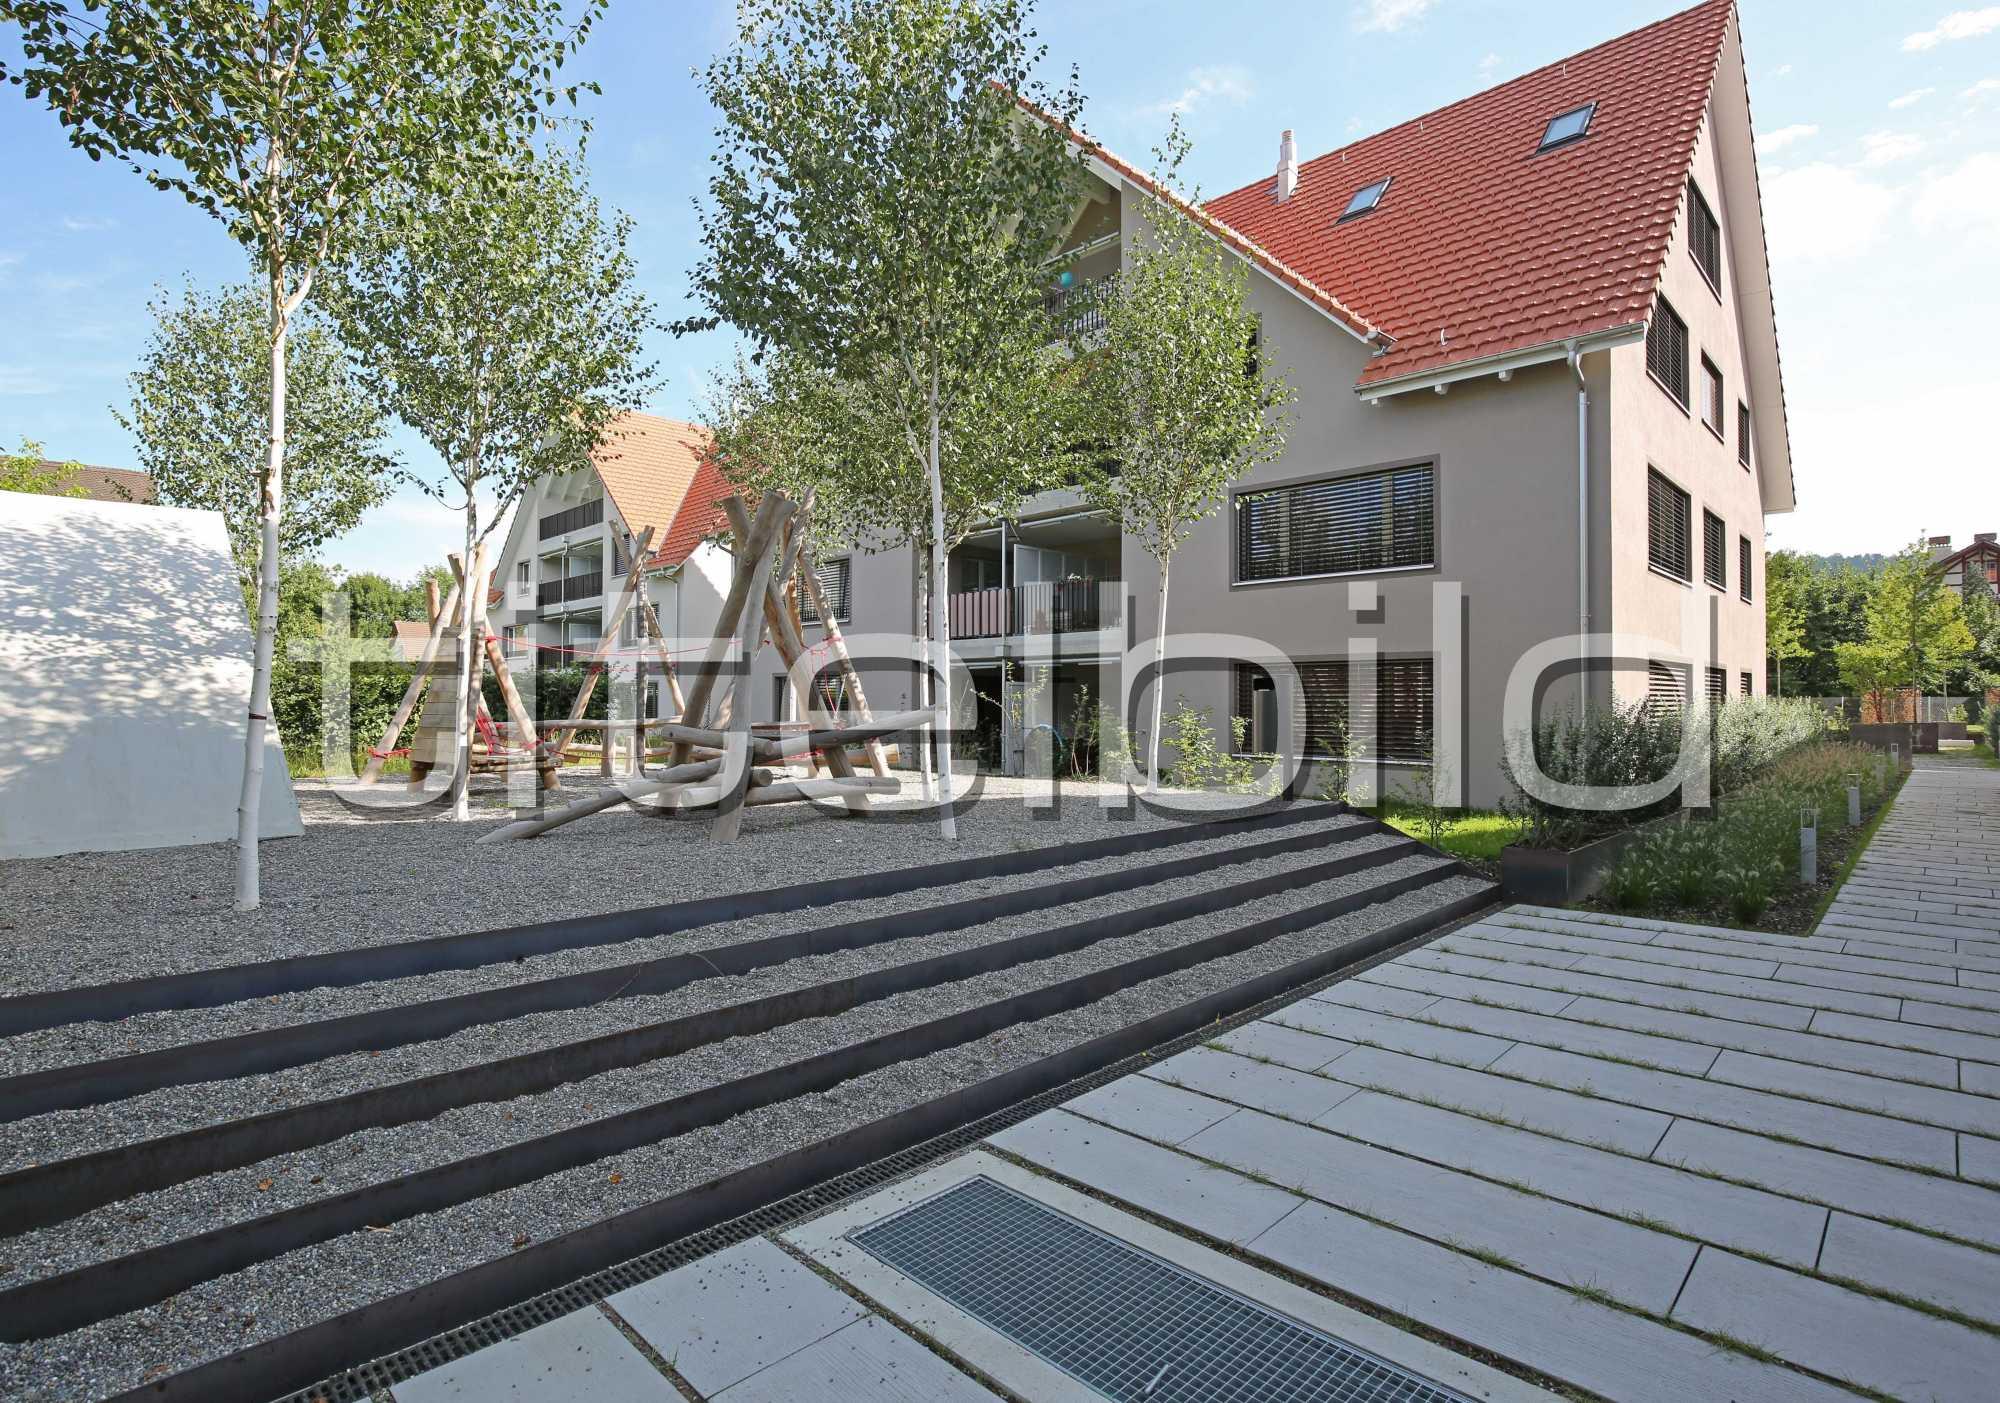 Projektbild-Nr. 3: Wohnüberbauung Pfarrhausstrasse